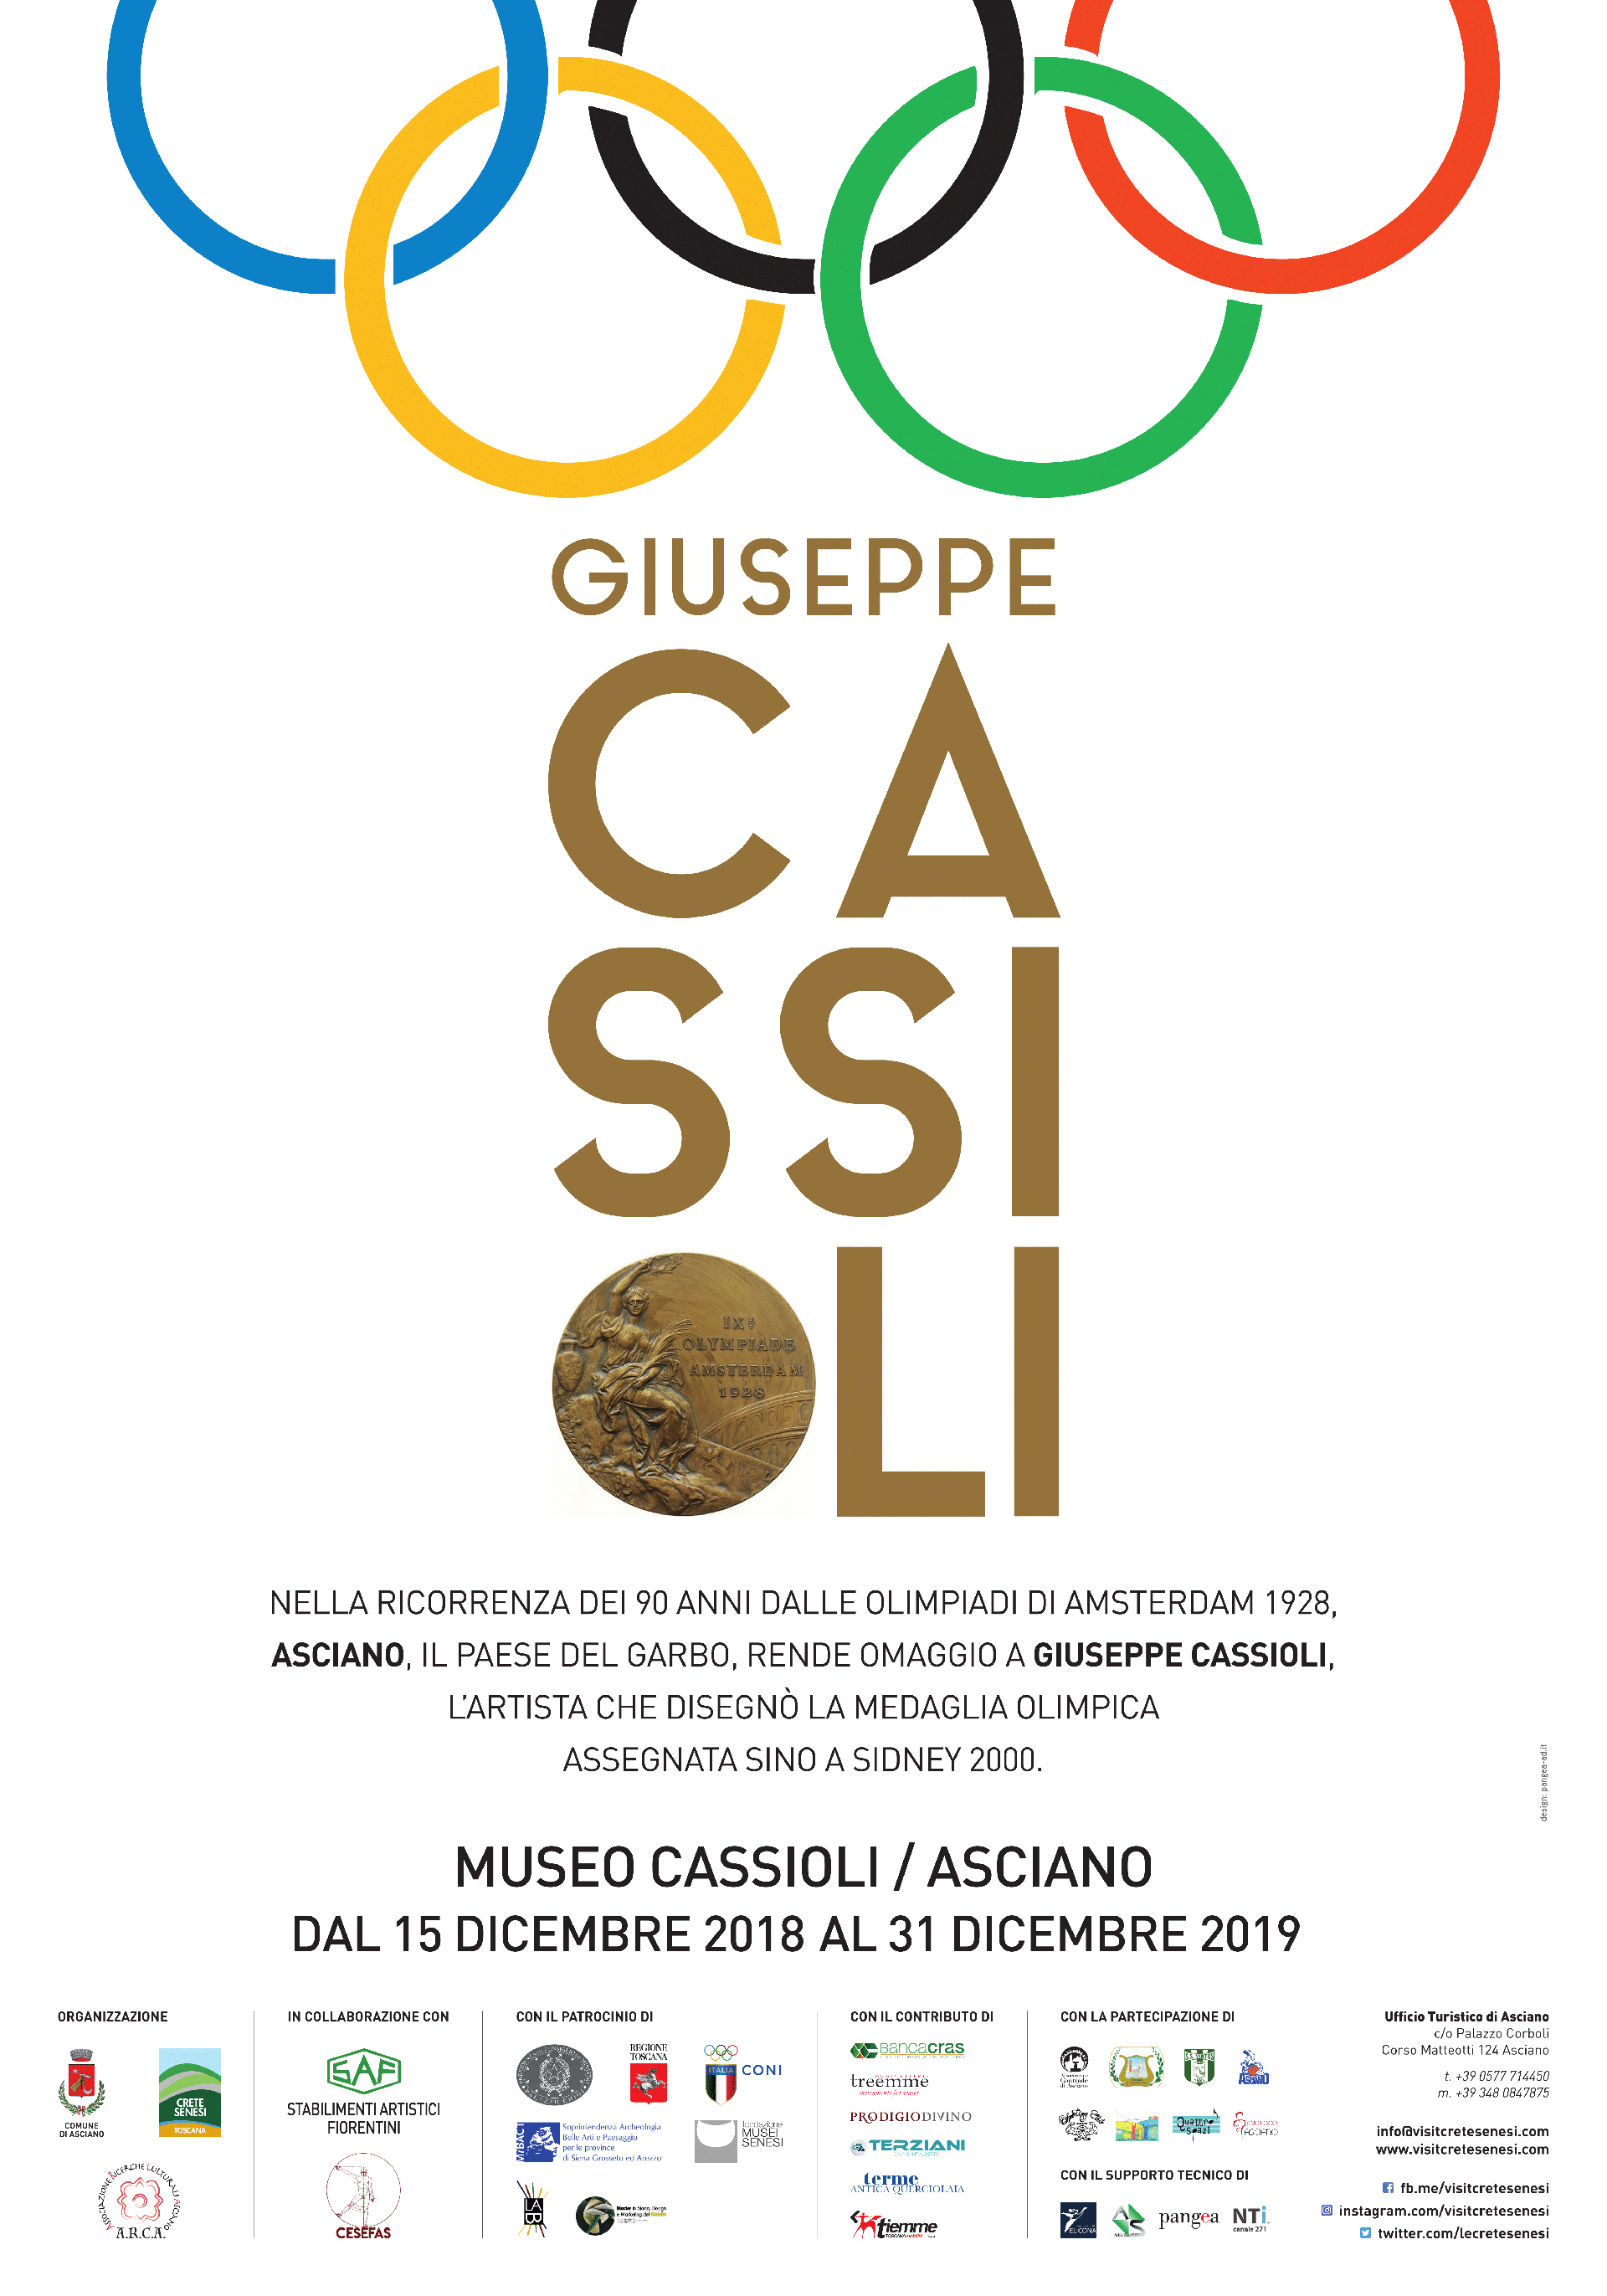 La Medaglia Olimpica di Giuseppe Cassioli tra Arte e Sport